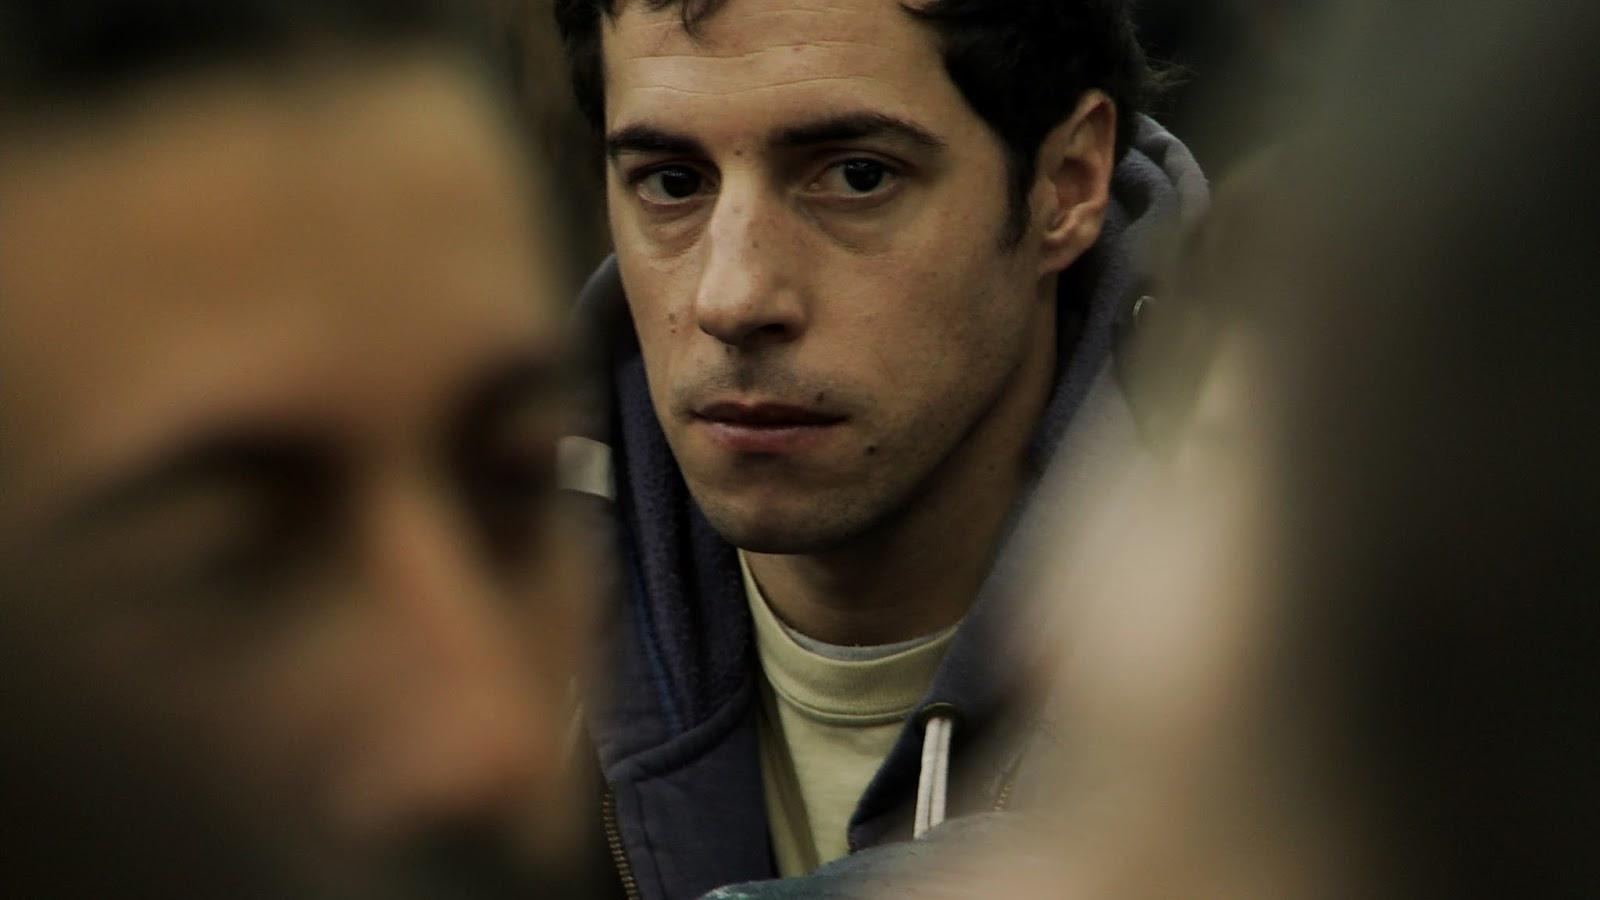 New York Film Festival 2011: The Student